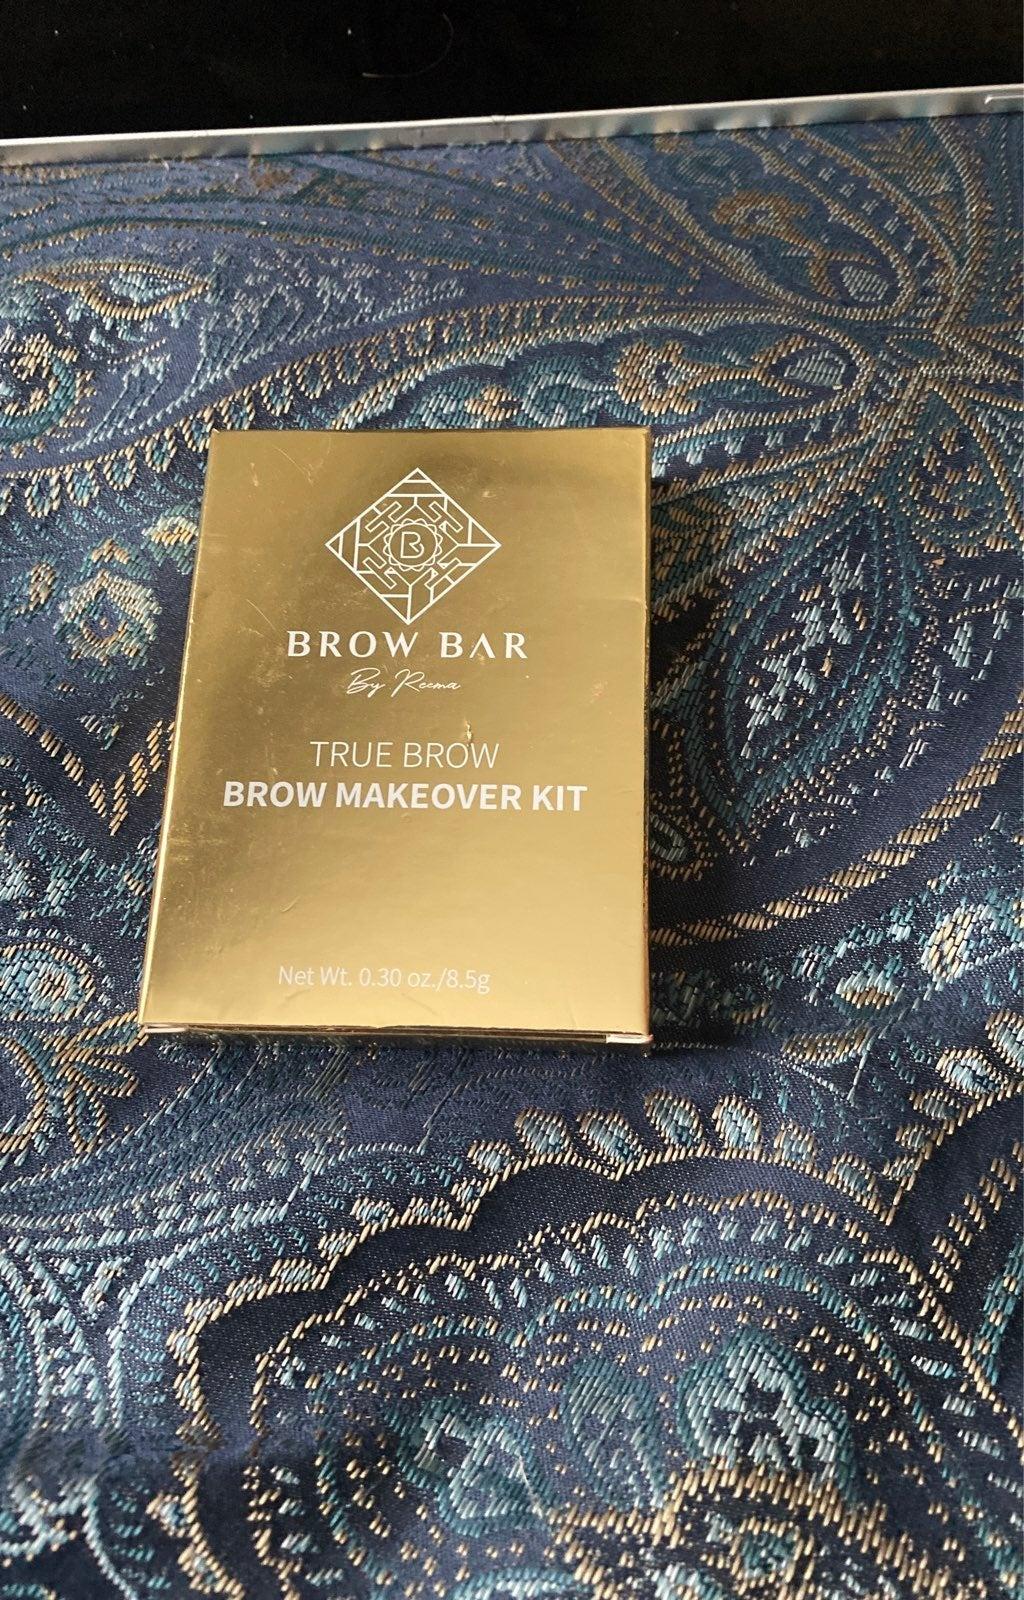 Brow Bar true brow makeover kit